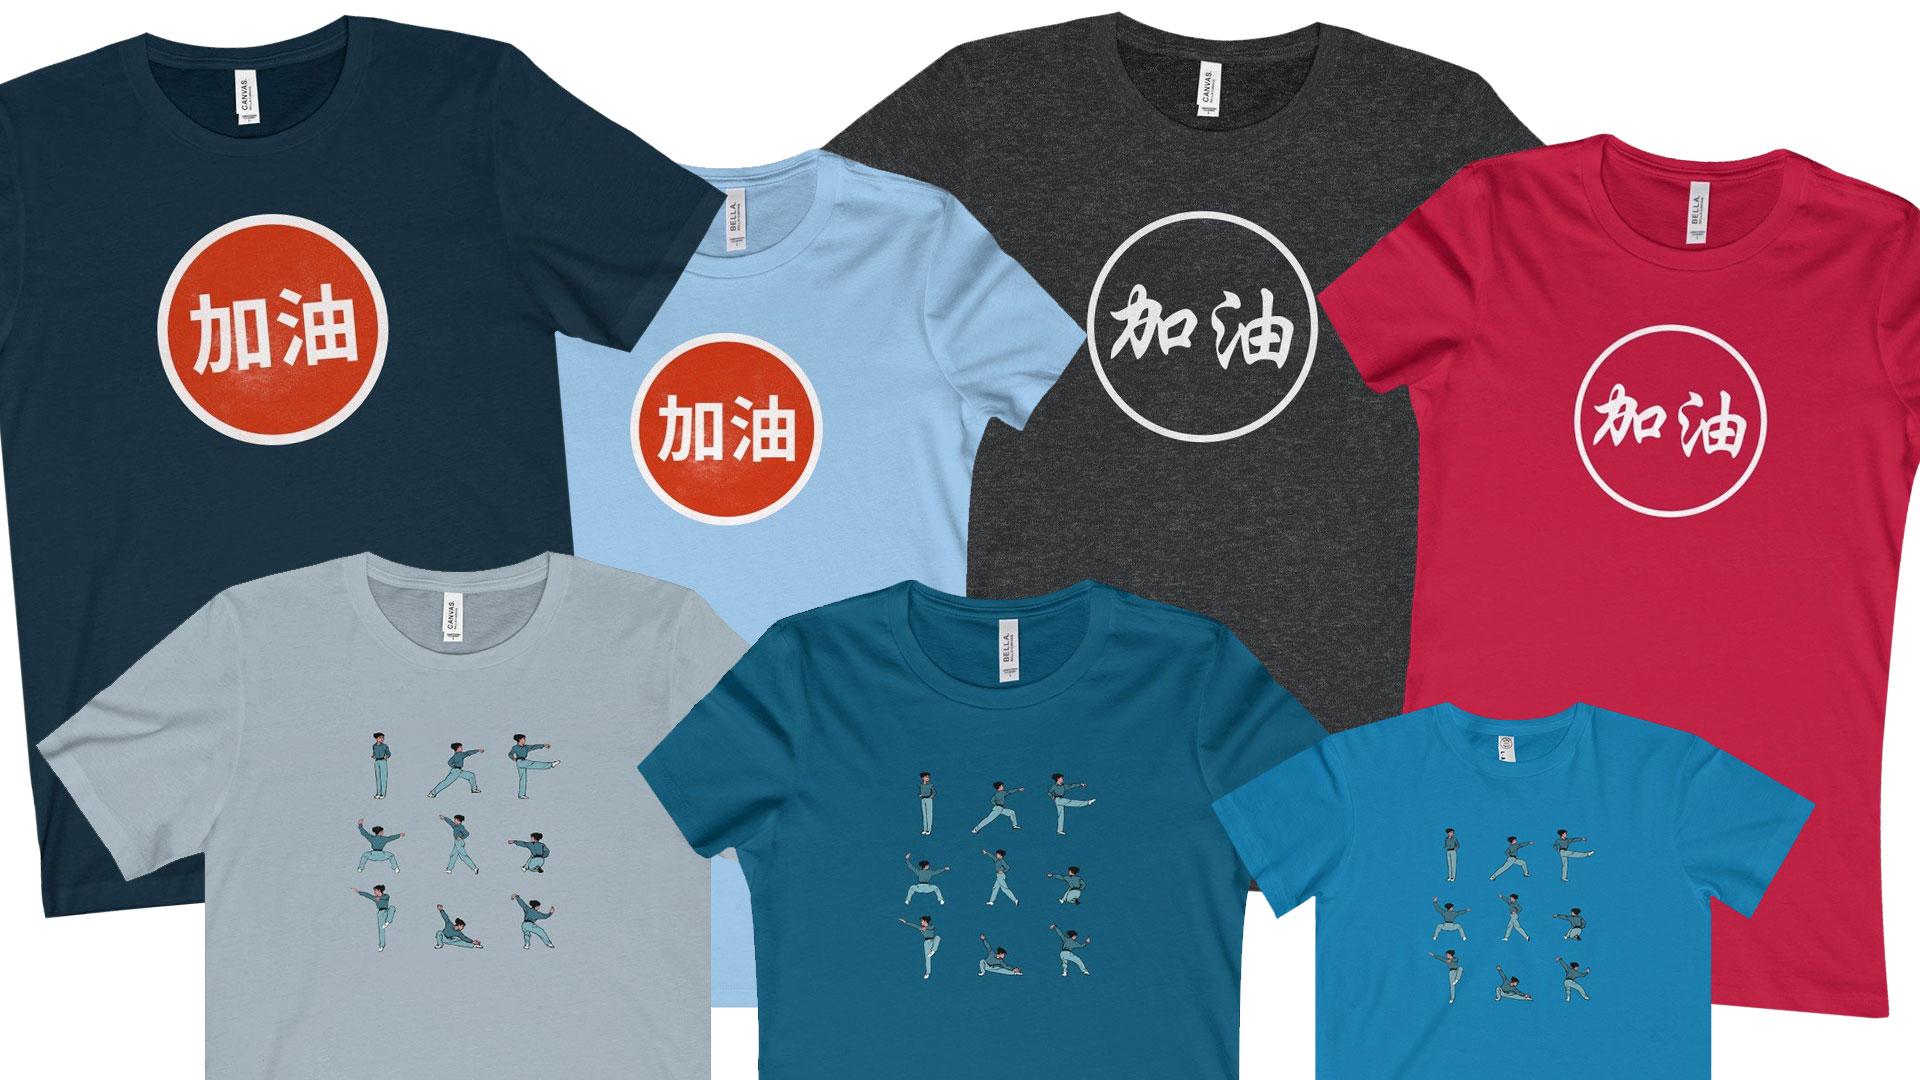 JIAYOU WUBUQUAN Shirts